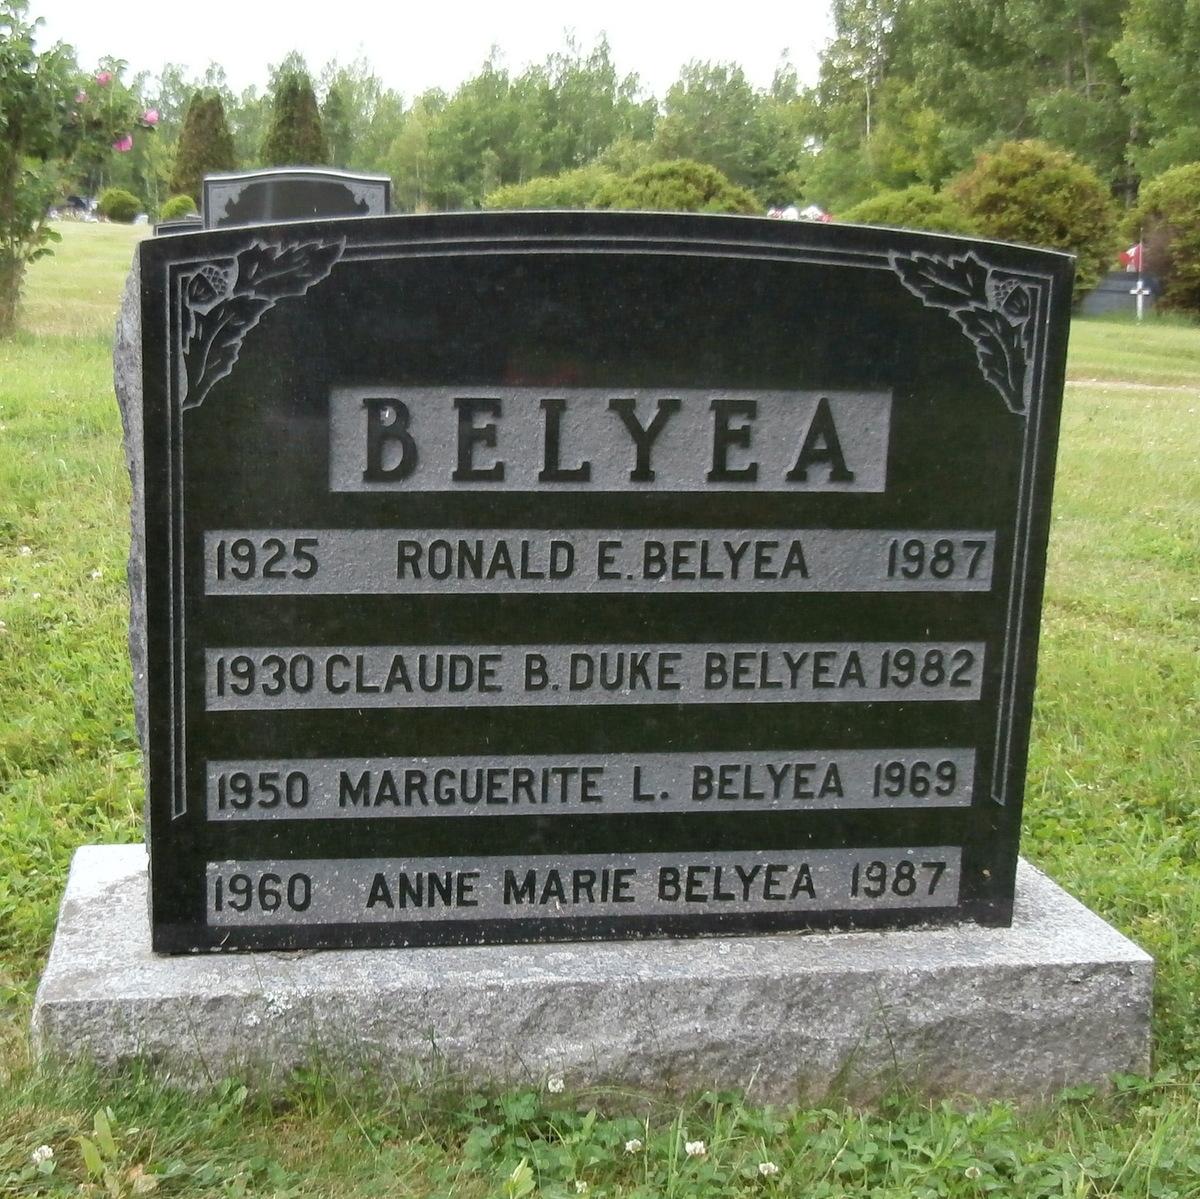 Anne Marie Belyea